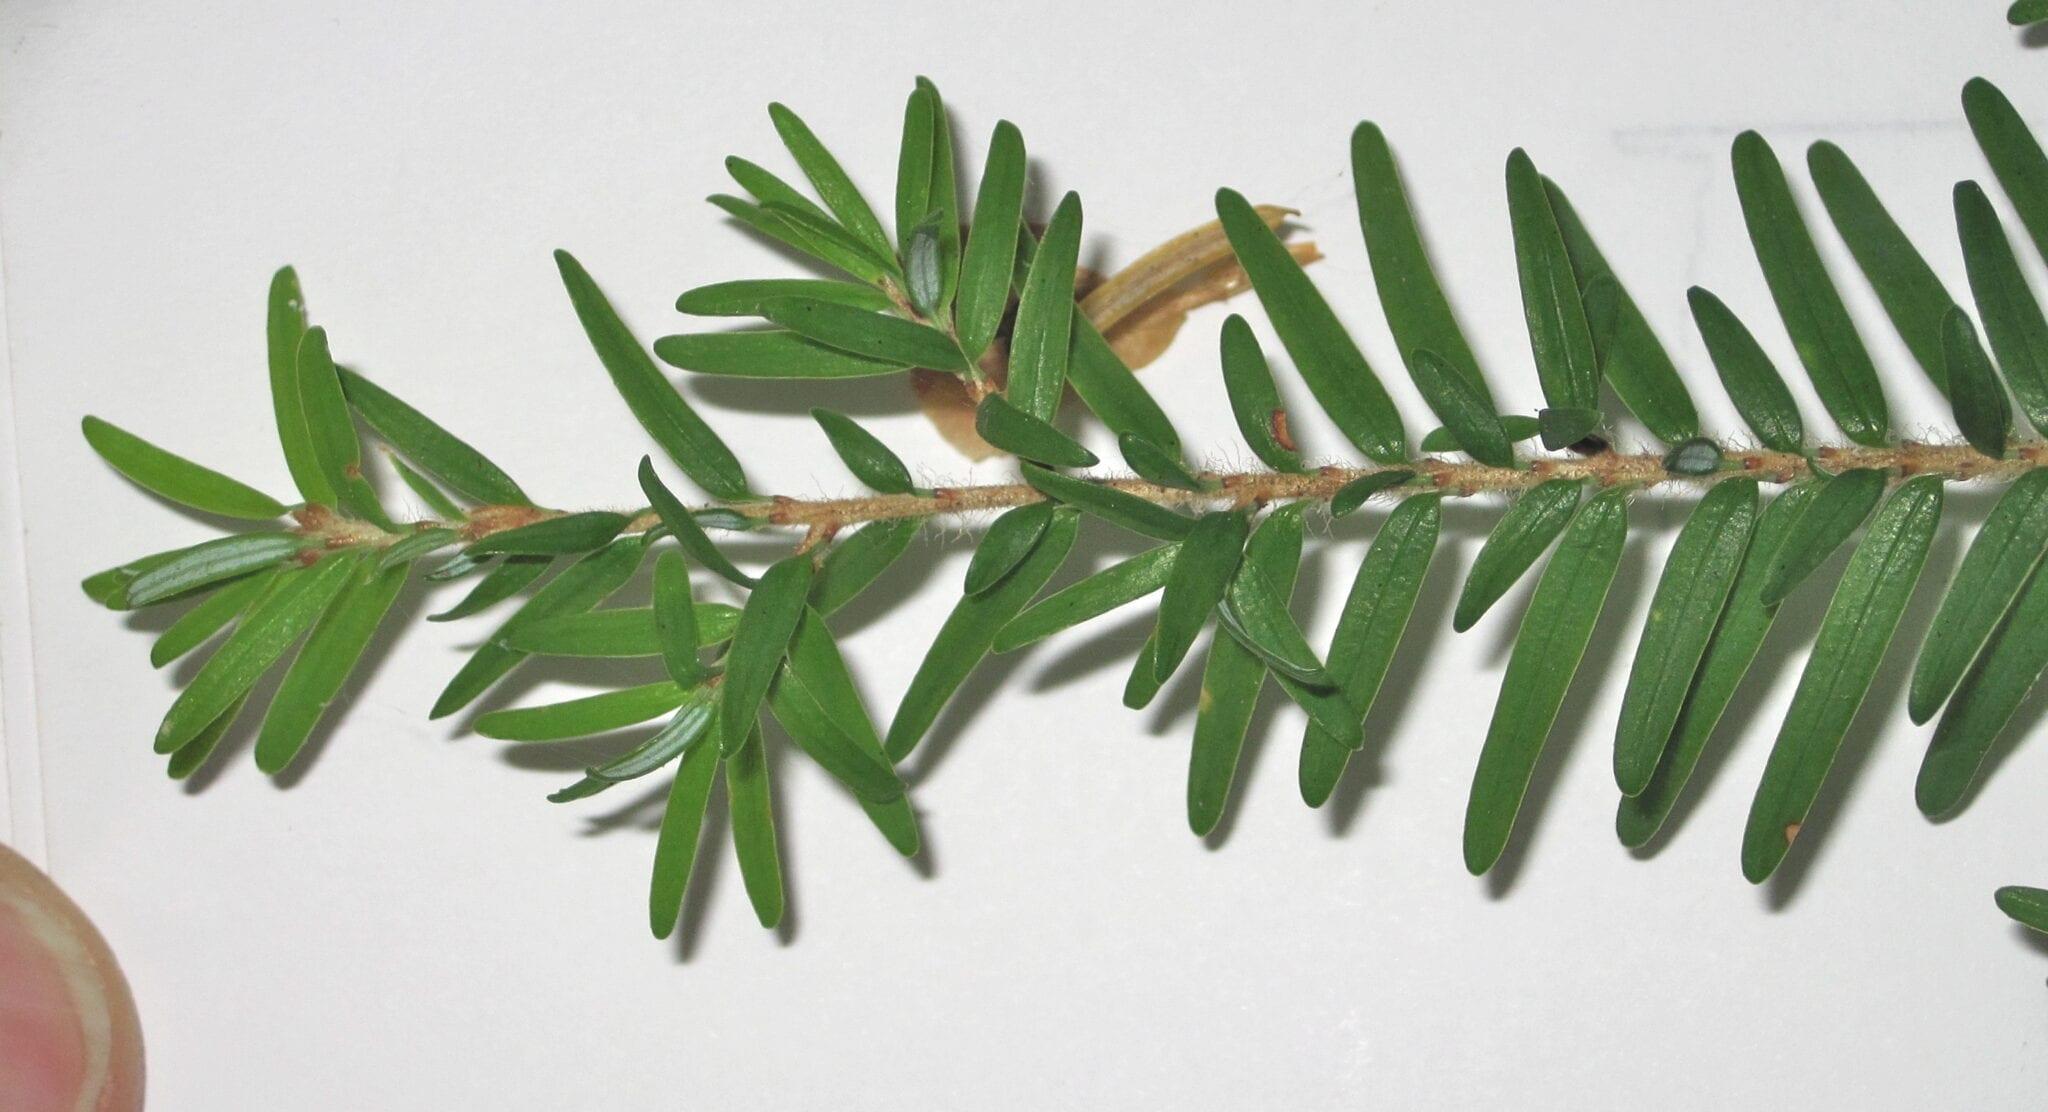 Western Hemlock leaves